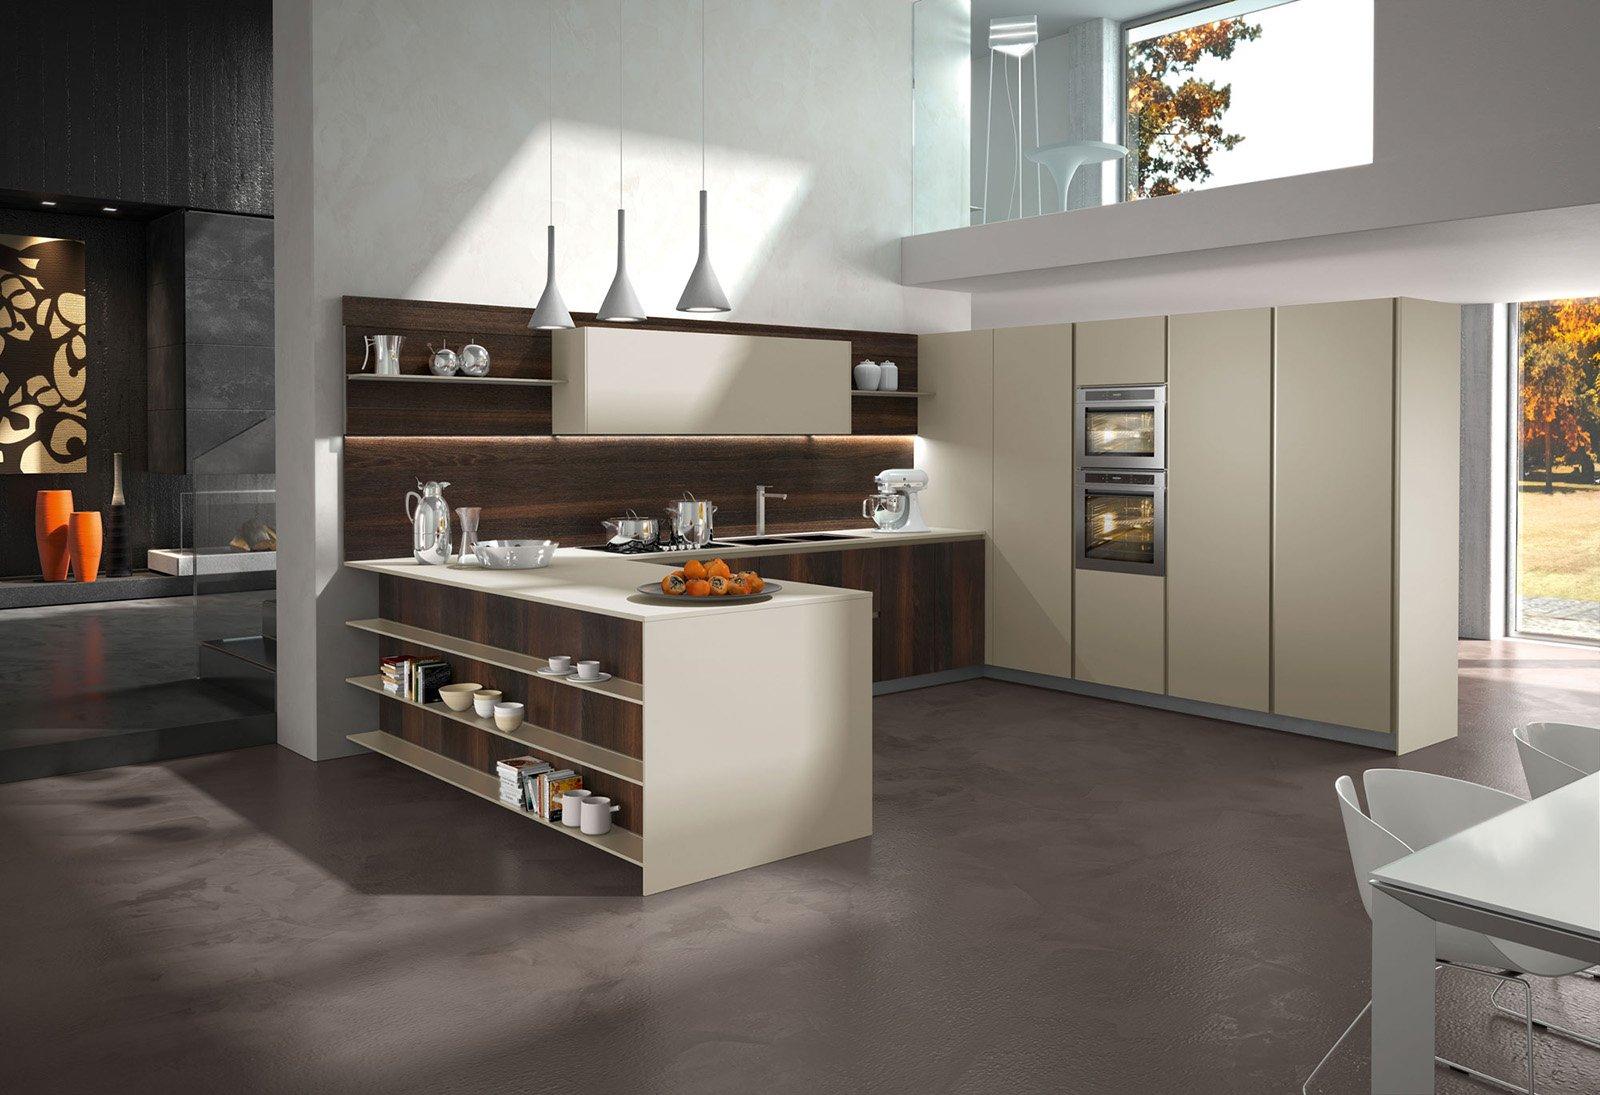 Il Fronte Decorato Da Pannelli In Legno Rovere Smoke E Lunghe Mensole  #A76424 1600 1095 Arredare Mensole Cucina Moderna